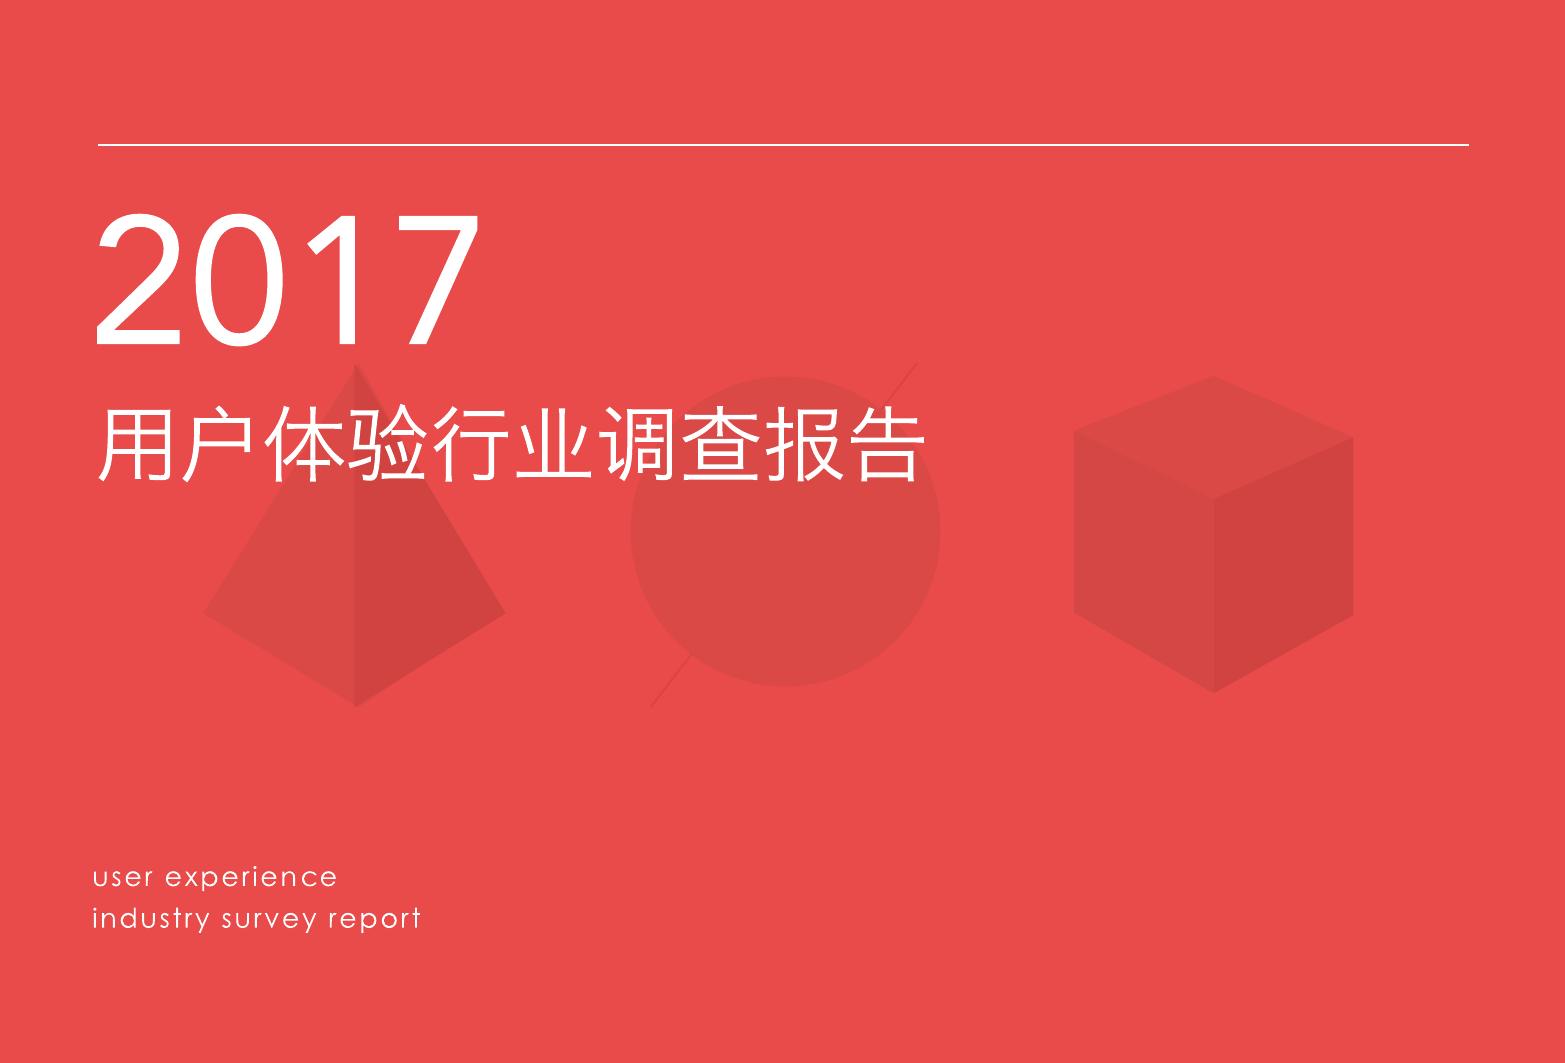 IXDC&腾讯CDC:2017用户体验行业调查报告(附下载)